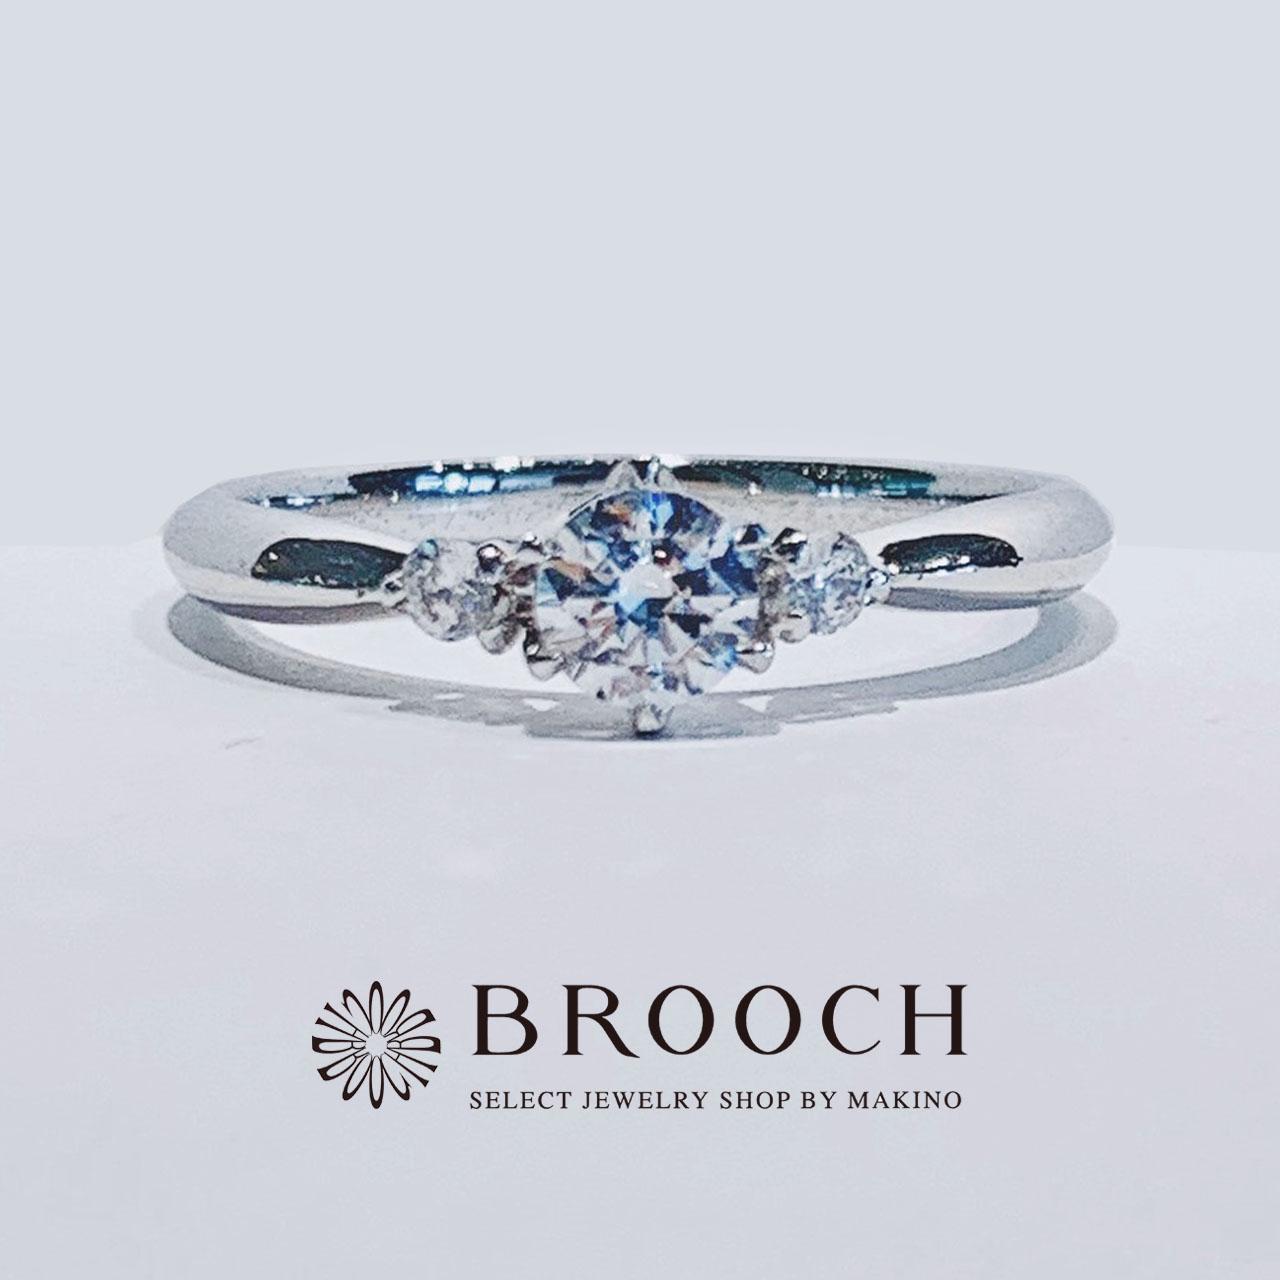 BROOCH 婚約指輪 エンゲージリング かわいい シンプル両サイドメレ